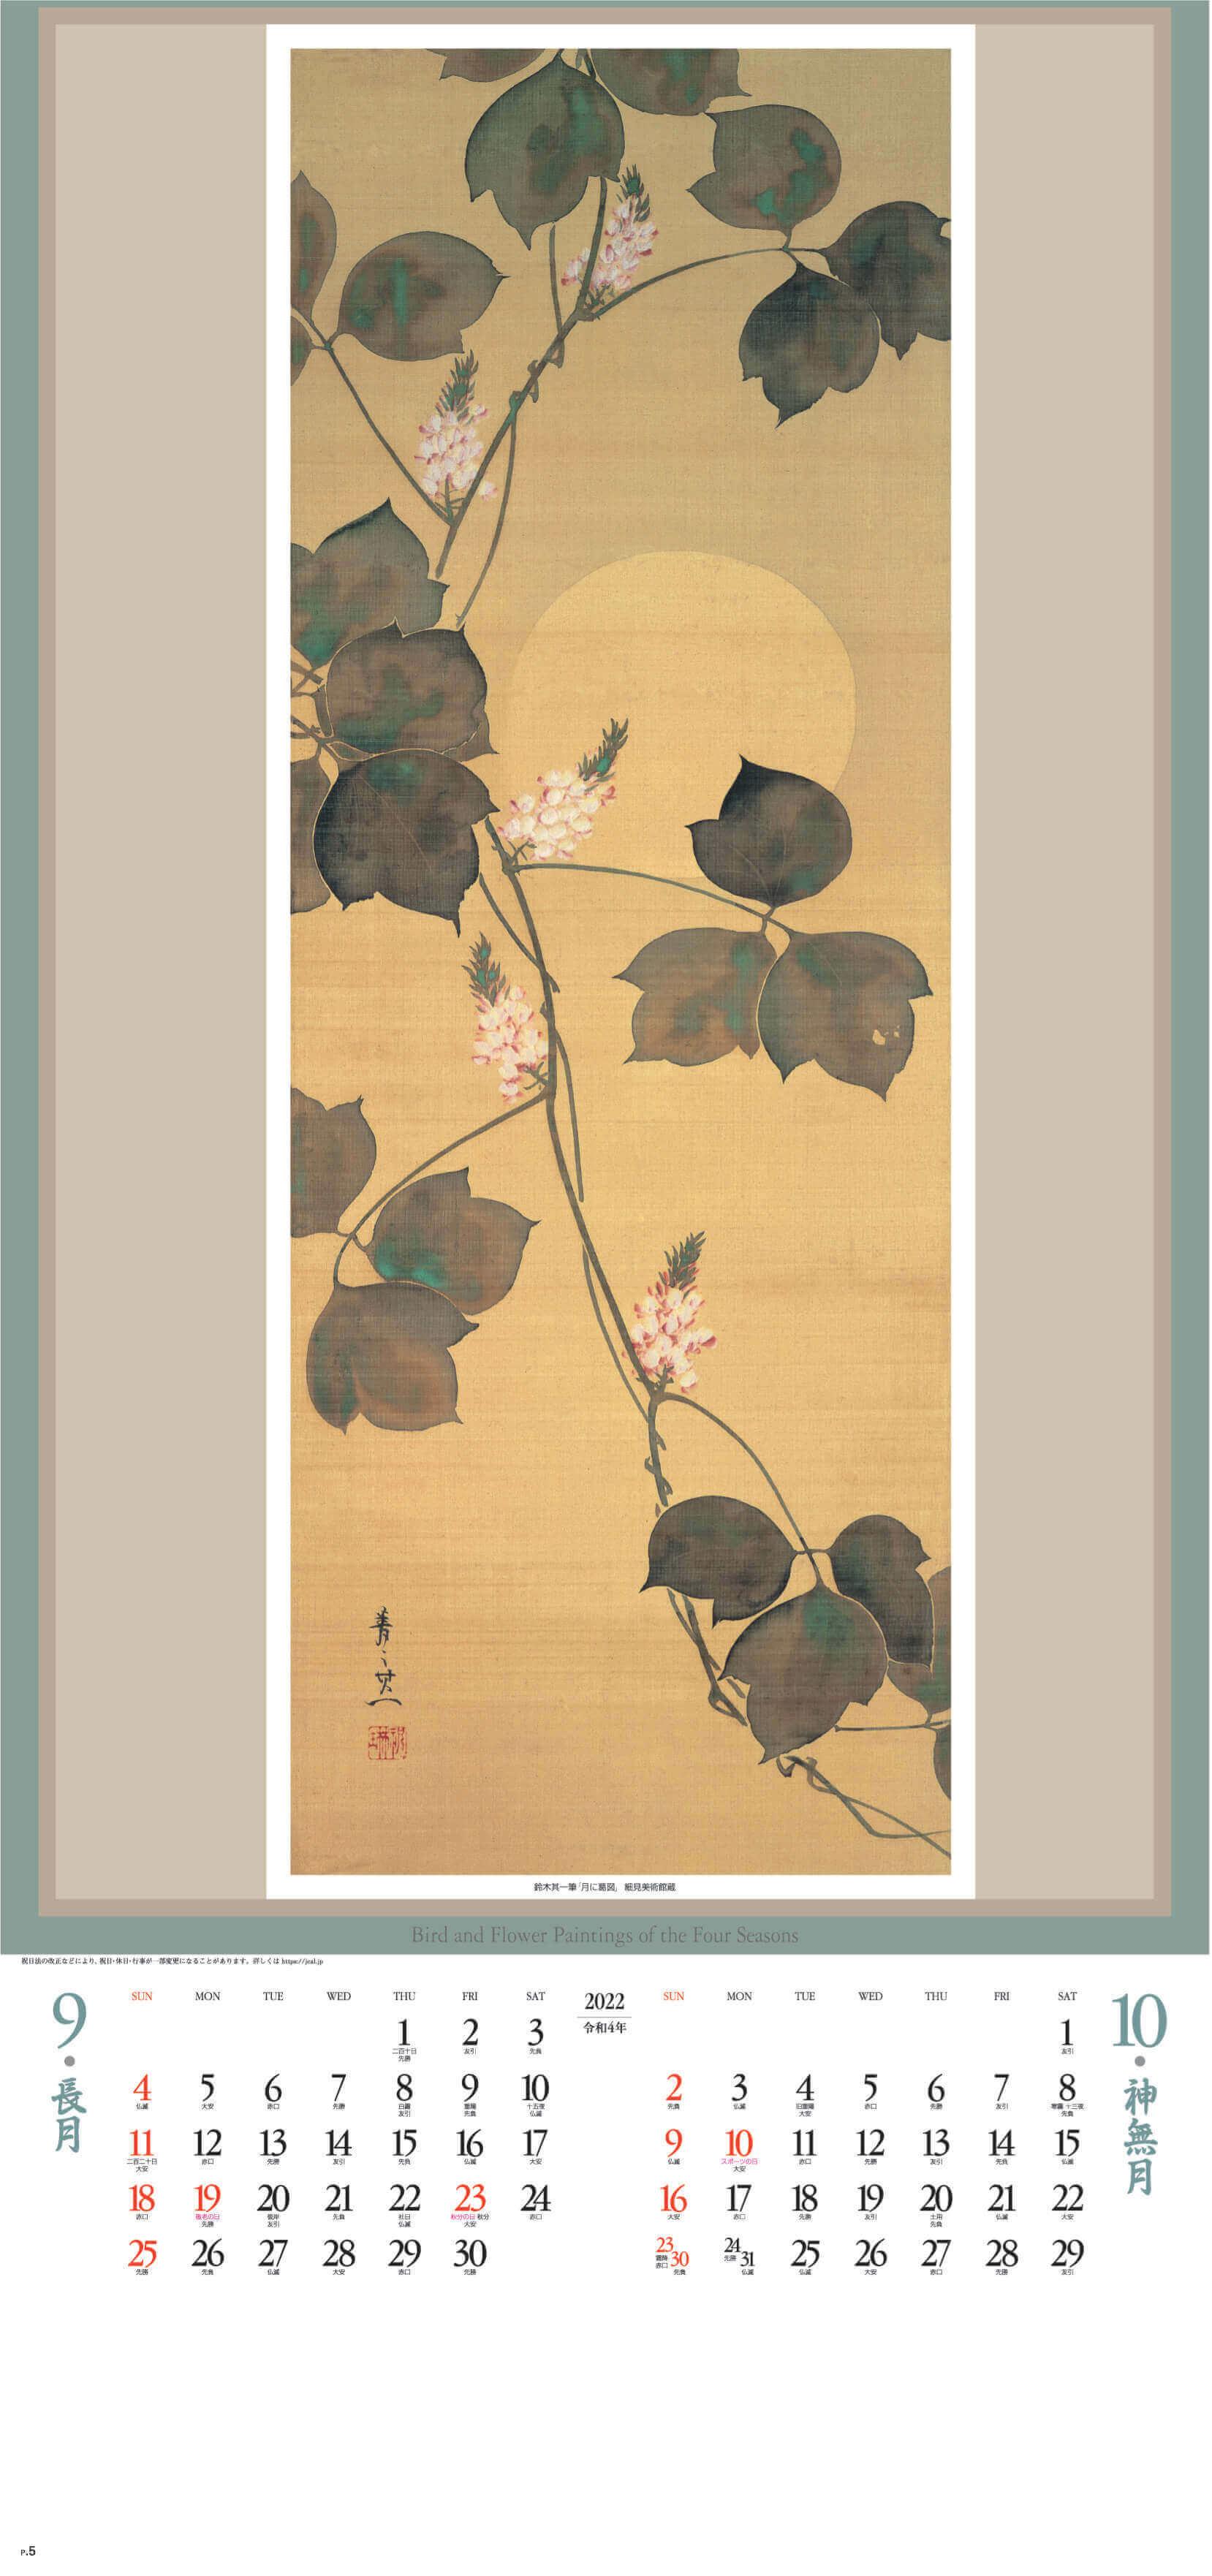 9-10月 鈴木其一「月に葛図」 江戸花鳥画集 紐付き 2022年カレンダーの画像